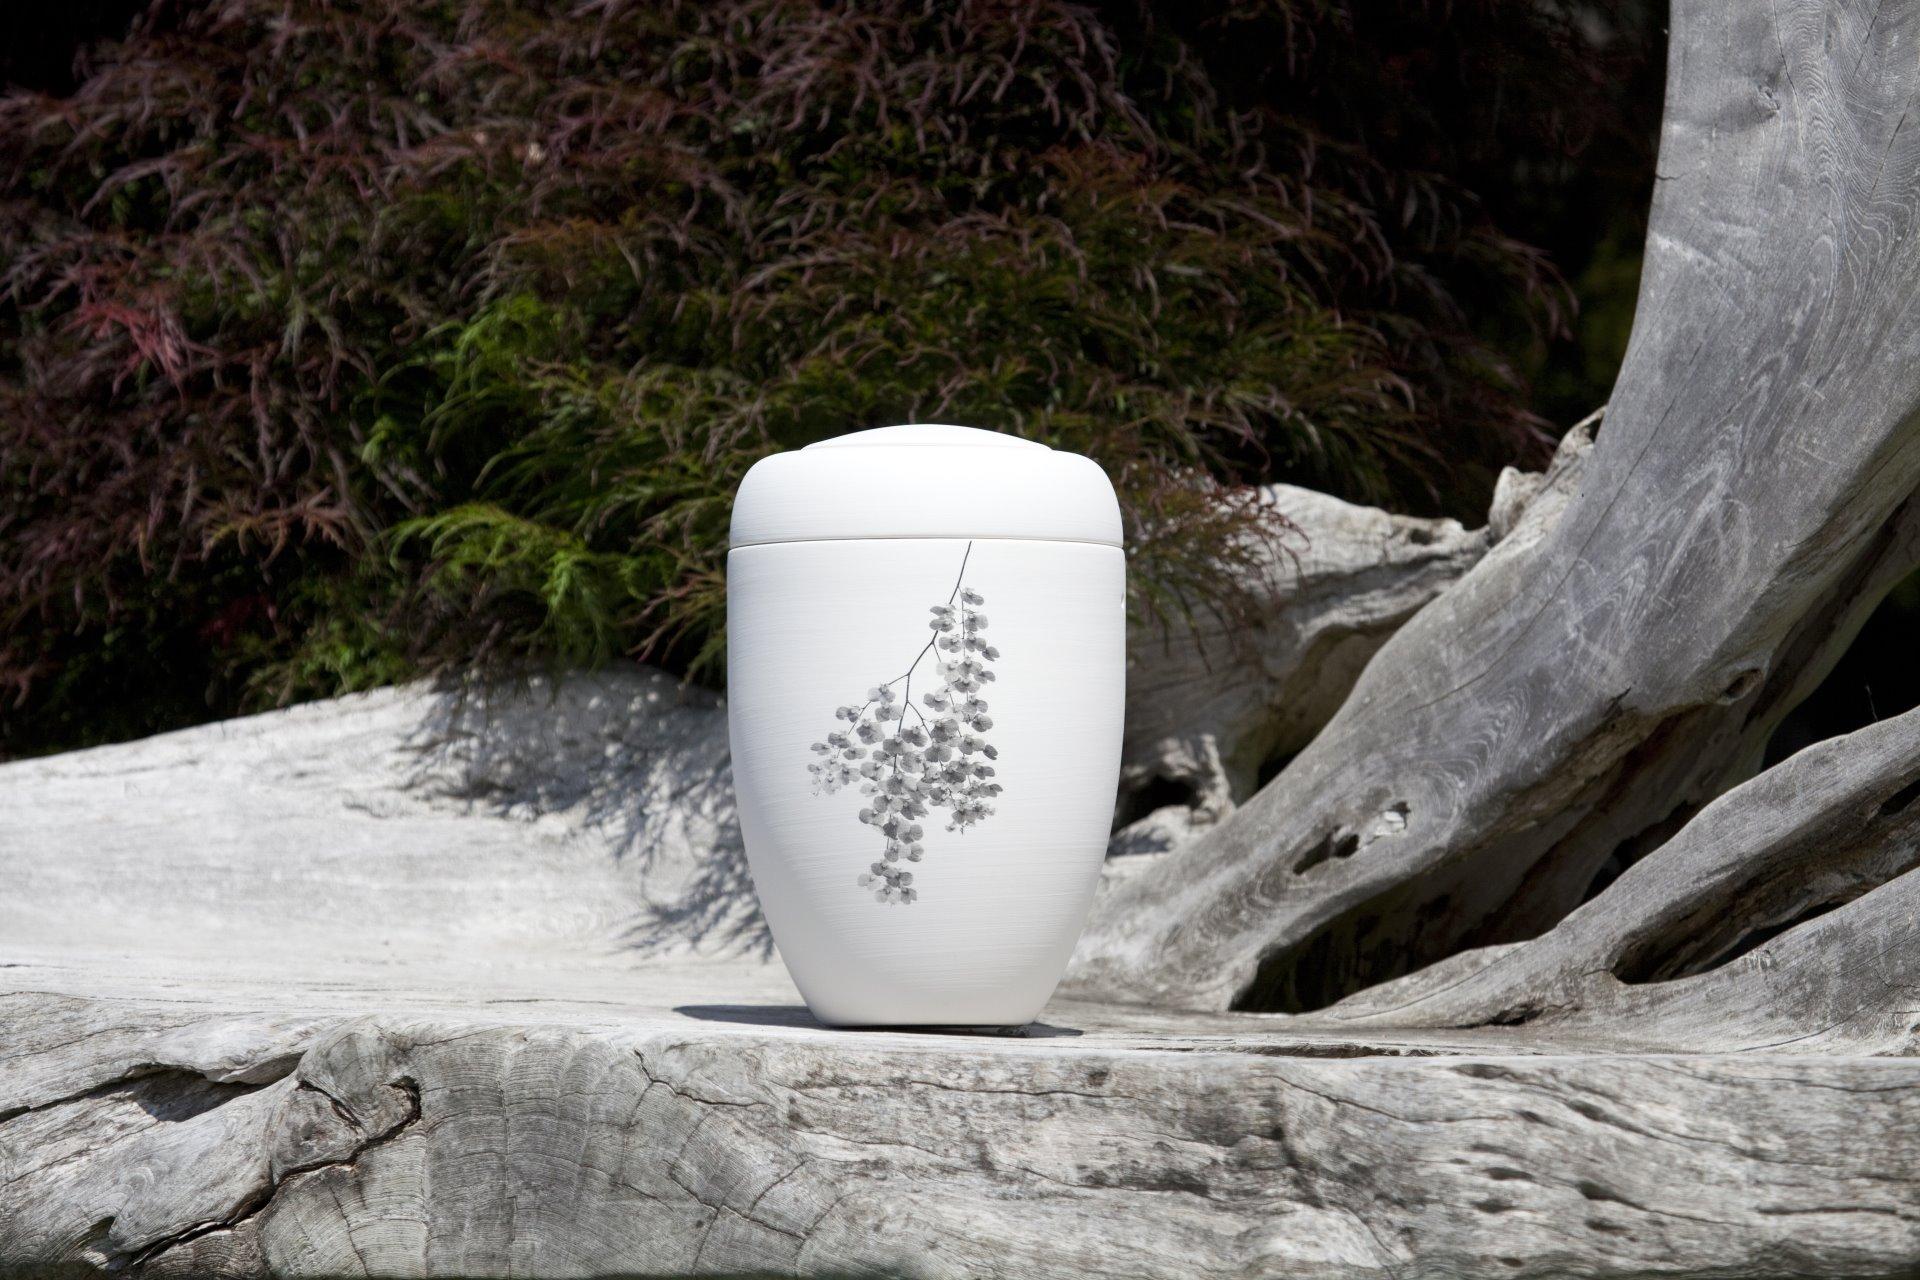 Steiniger Grund mit weißer Urne